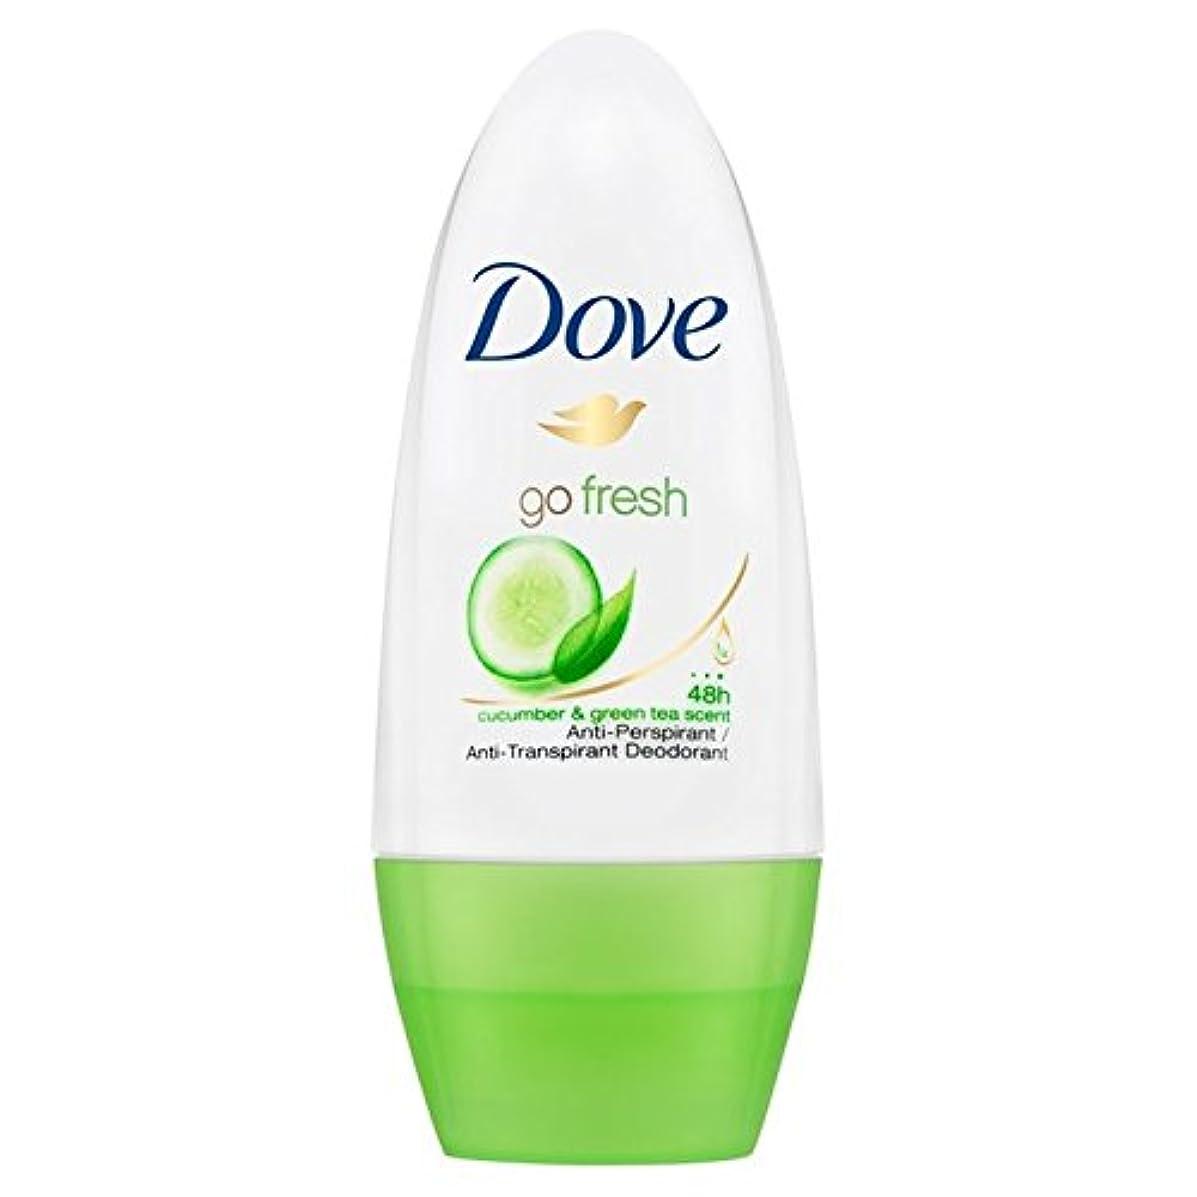 やりがいのある病なパフDove Go Fresh Cucumber Roll-On Anti-Perspirant Deodorant 50ml - 新鮮なキュウリロールオン制汗デオドラント50ミリリットルを行く鳩 [並行輸入品]